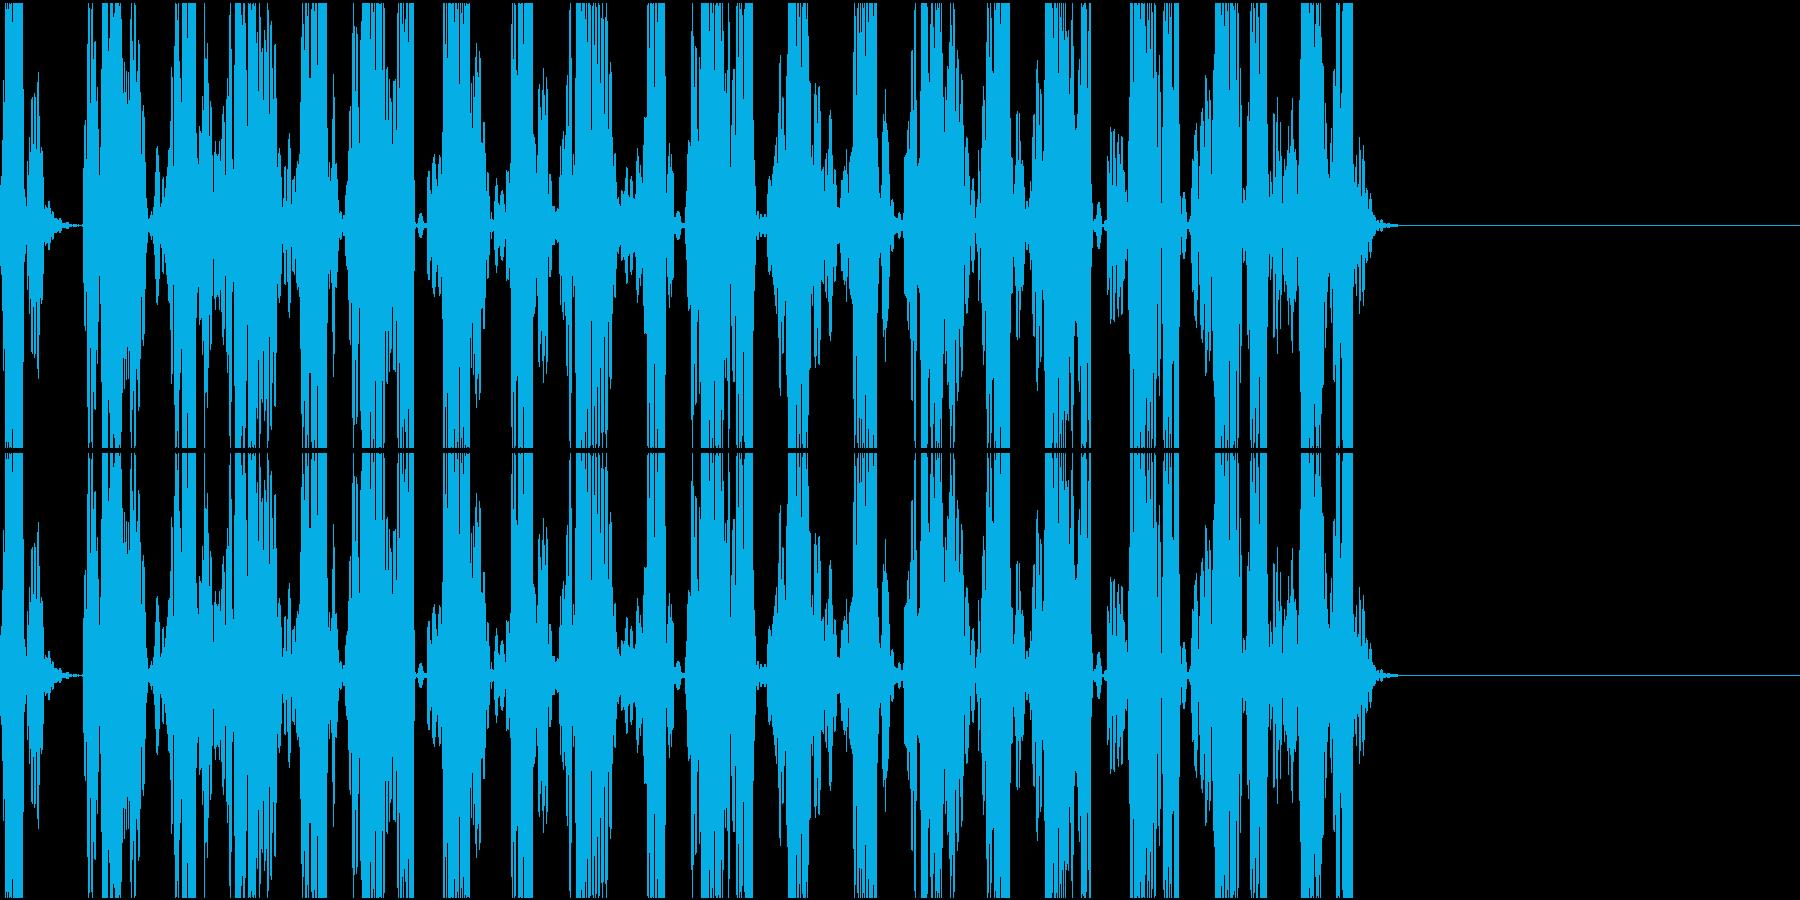 スクラッチの再生済みの波形